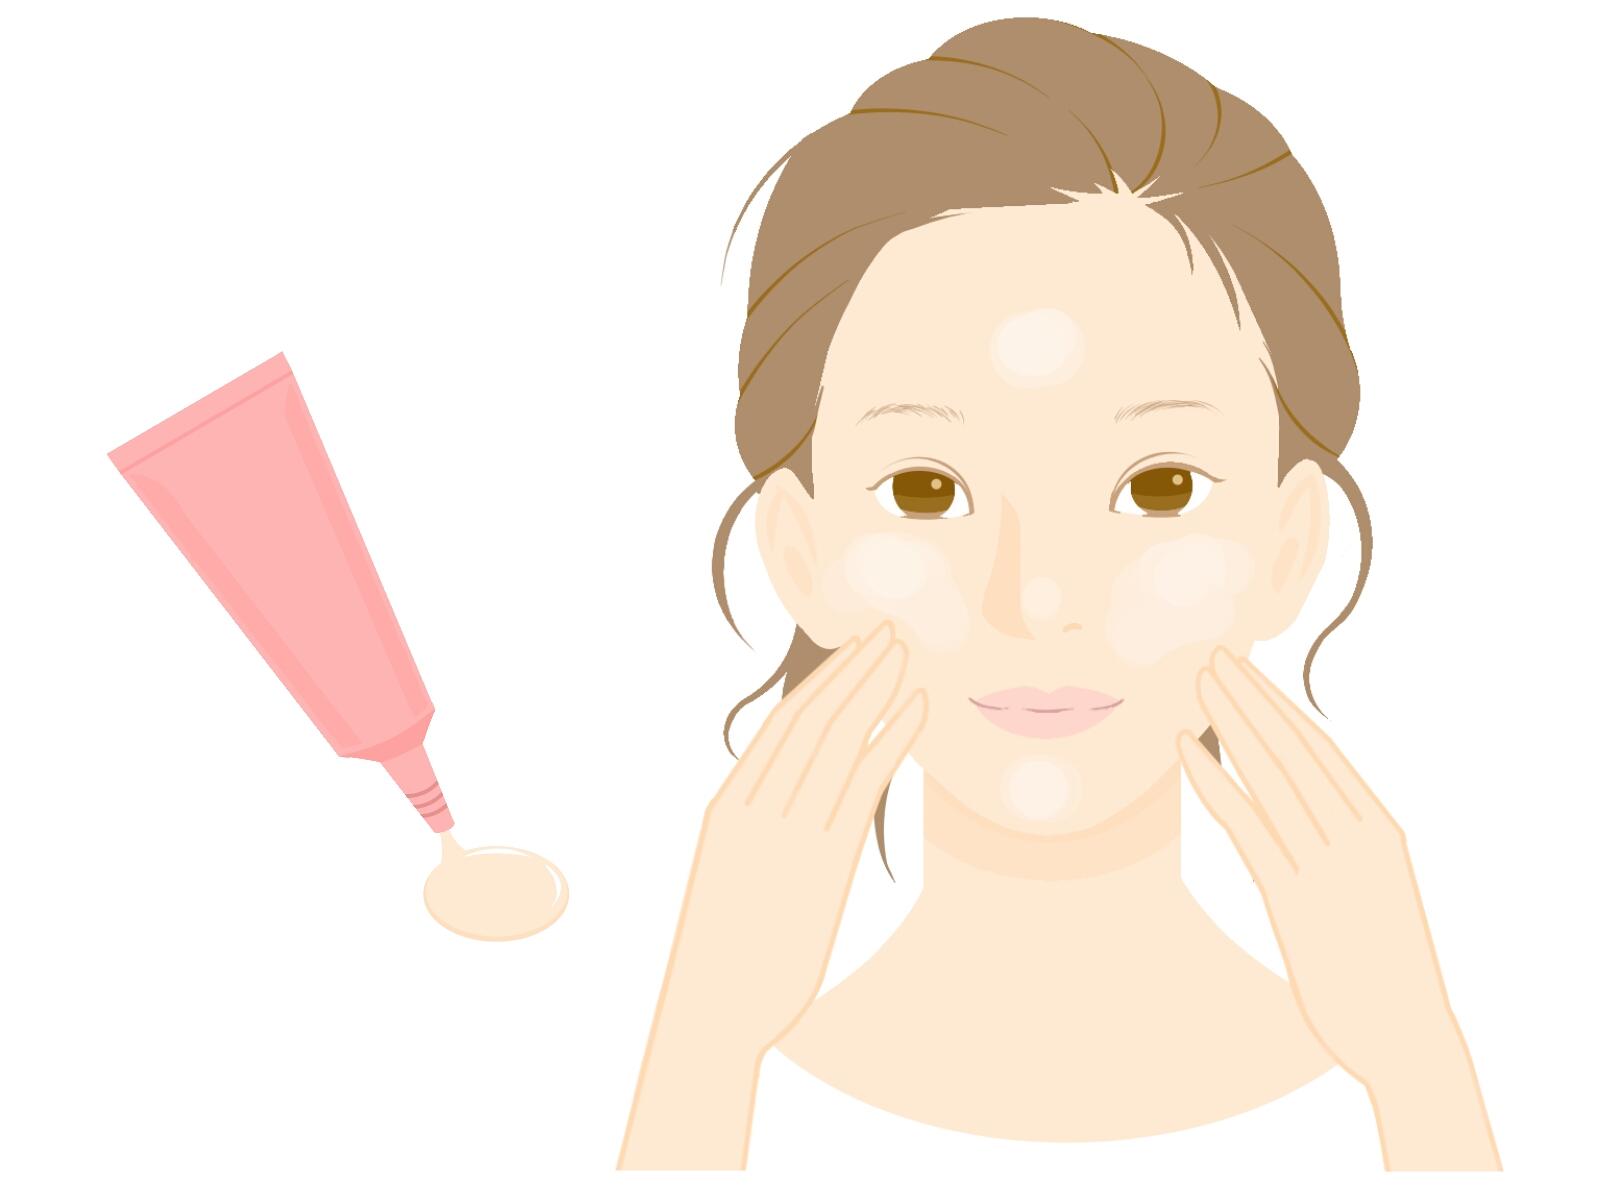 敏感肌に良い化粧水ランキング | 赤み・かゆみが出にくいスキンケアおすすめコスメは?